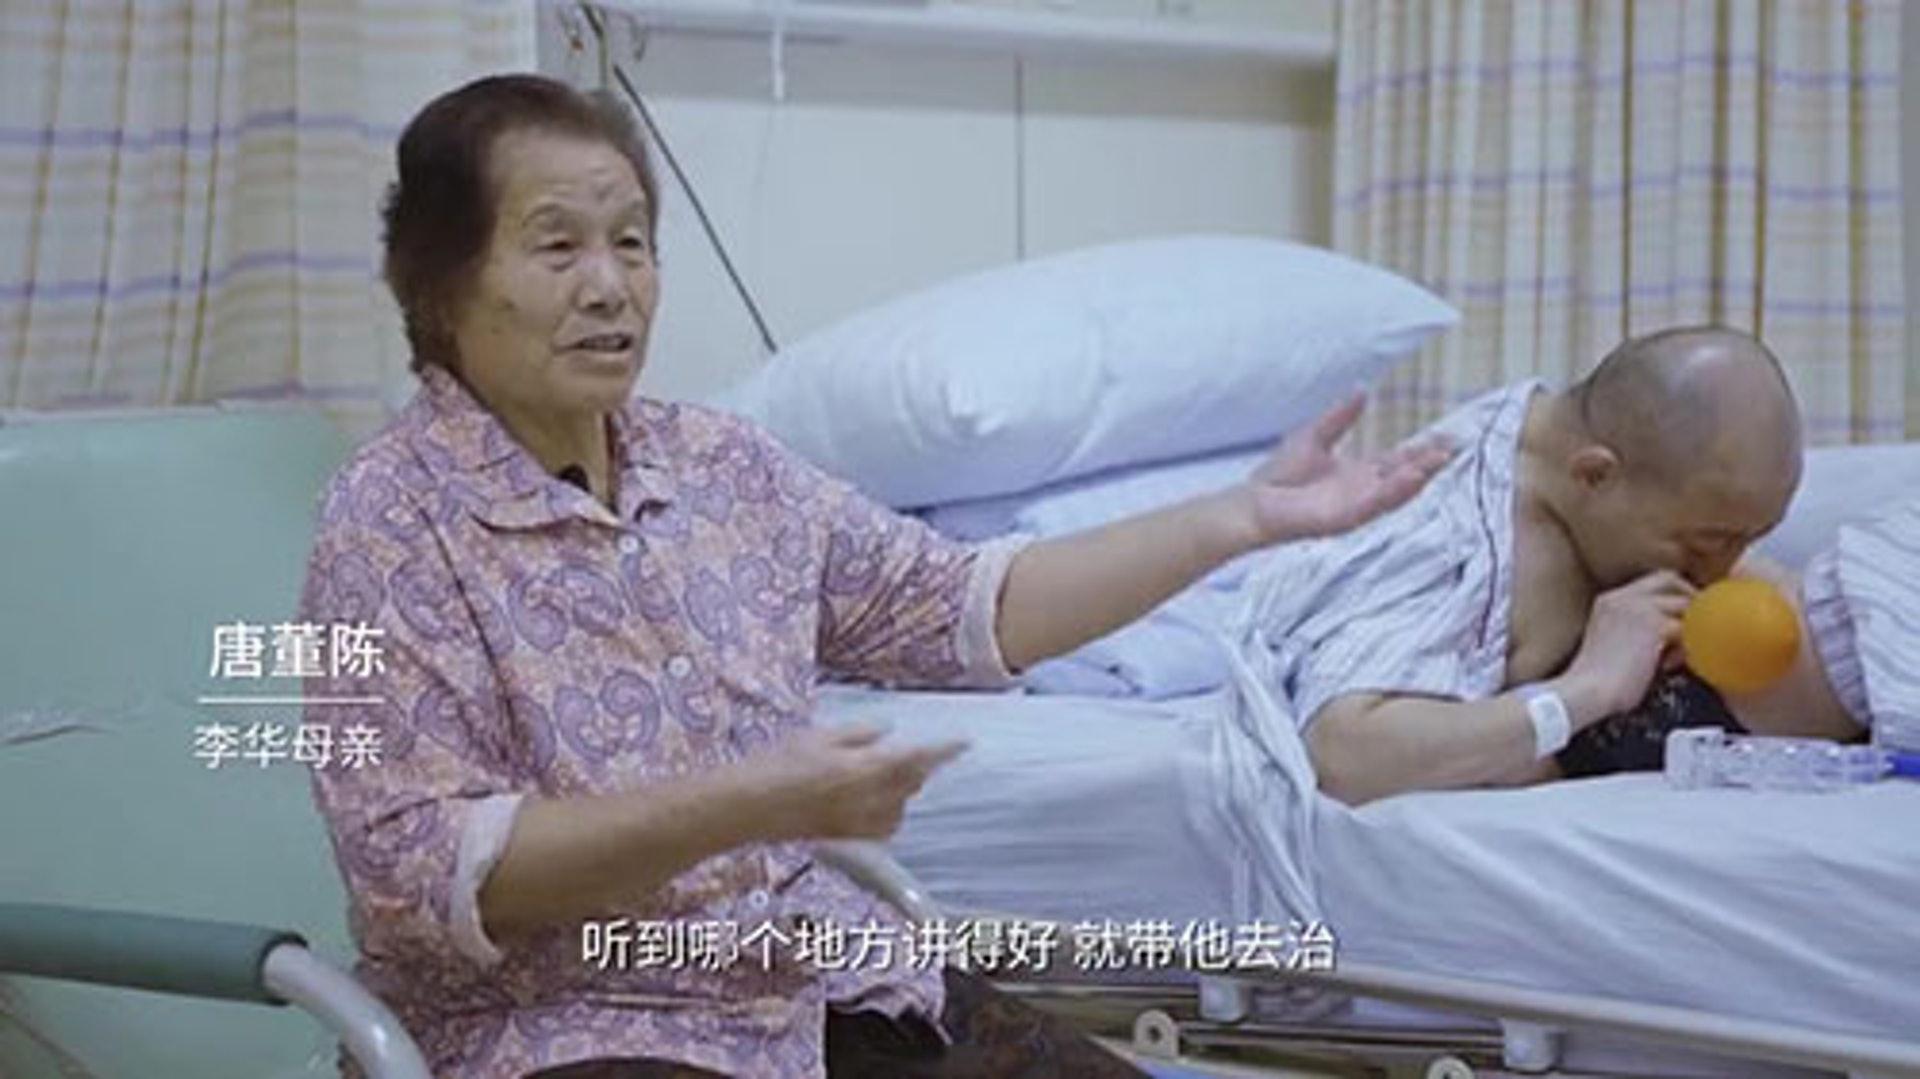 李華無法工作,母親由40多歲開始照顧兒子,至現在已經72歲了。(紀錄片截圖)